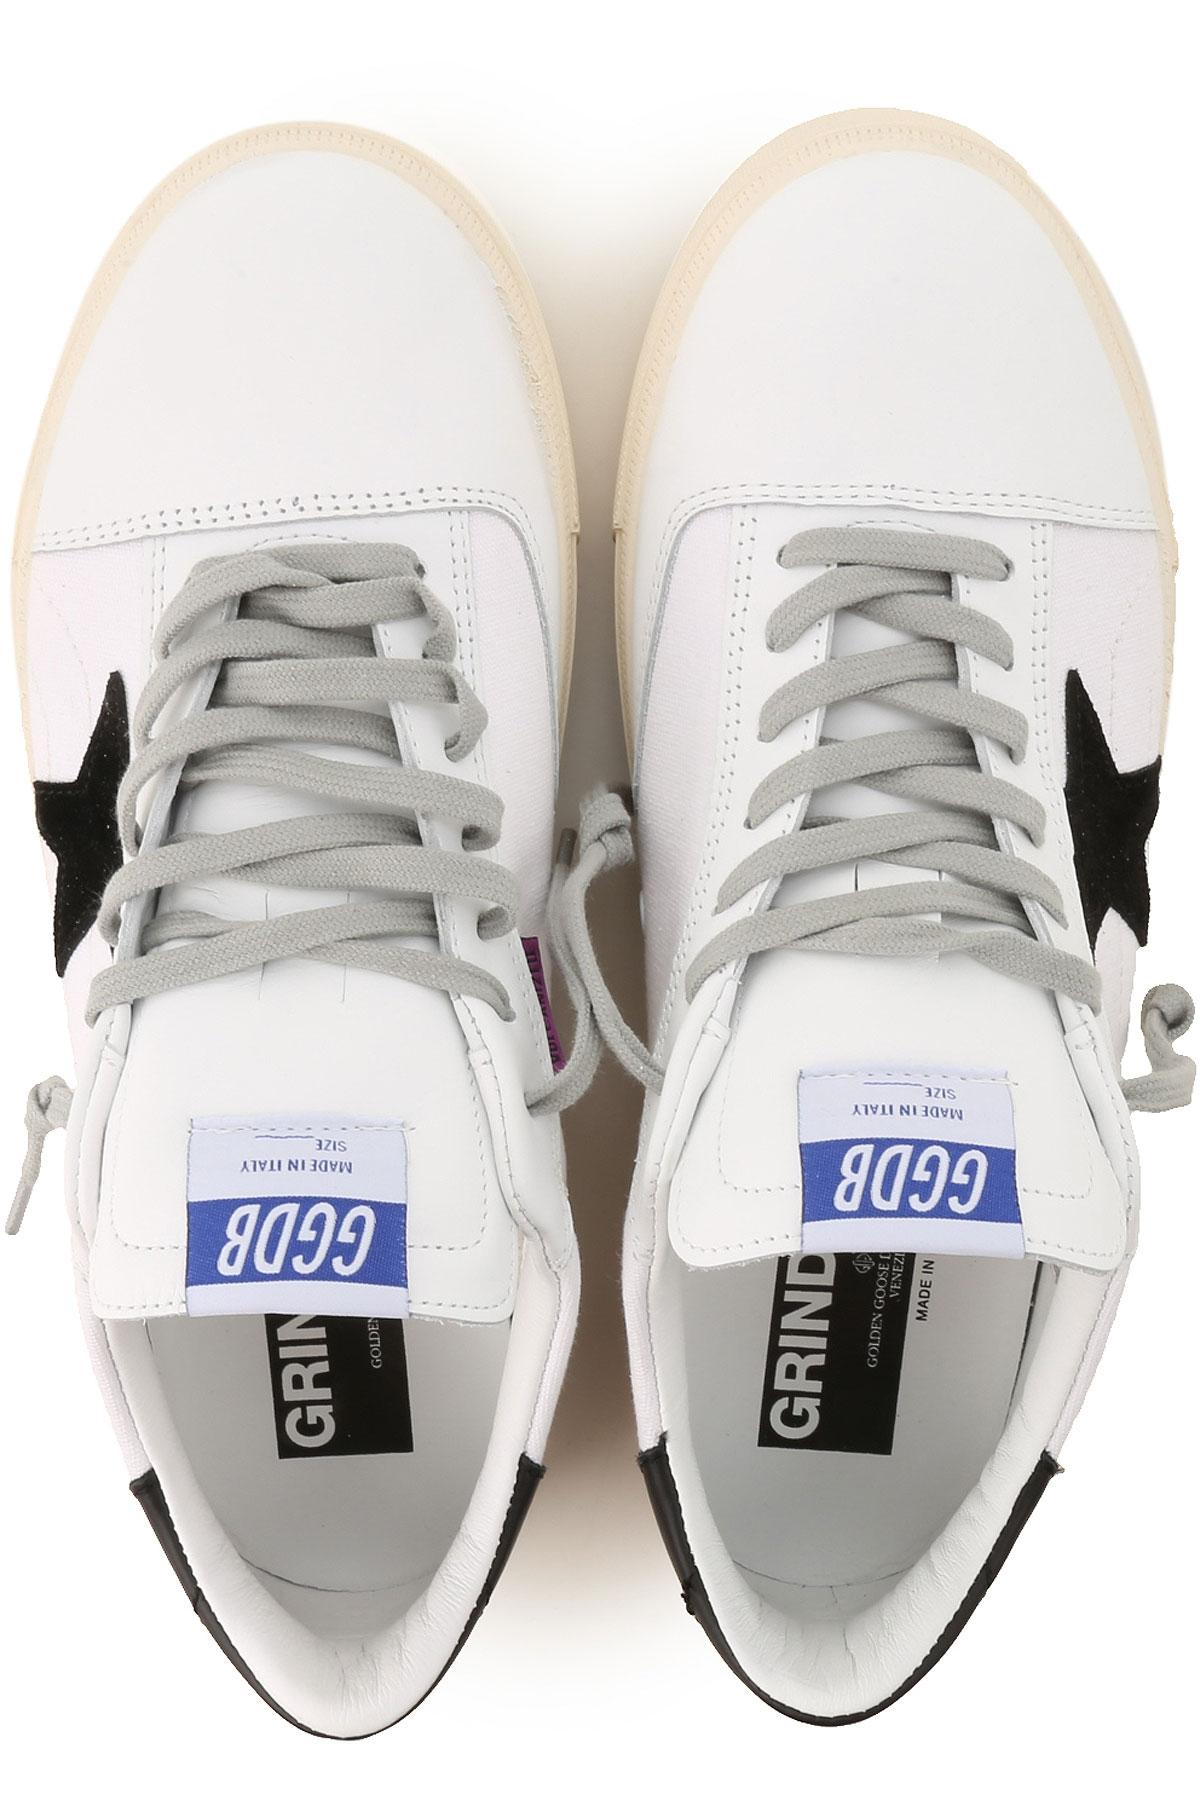 Golden Hombres nbsp;gris Negro Para Blanco Primavera verano Goose Zapatos 2019 qgqwvS